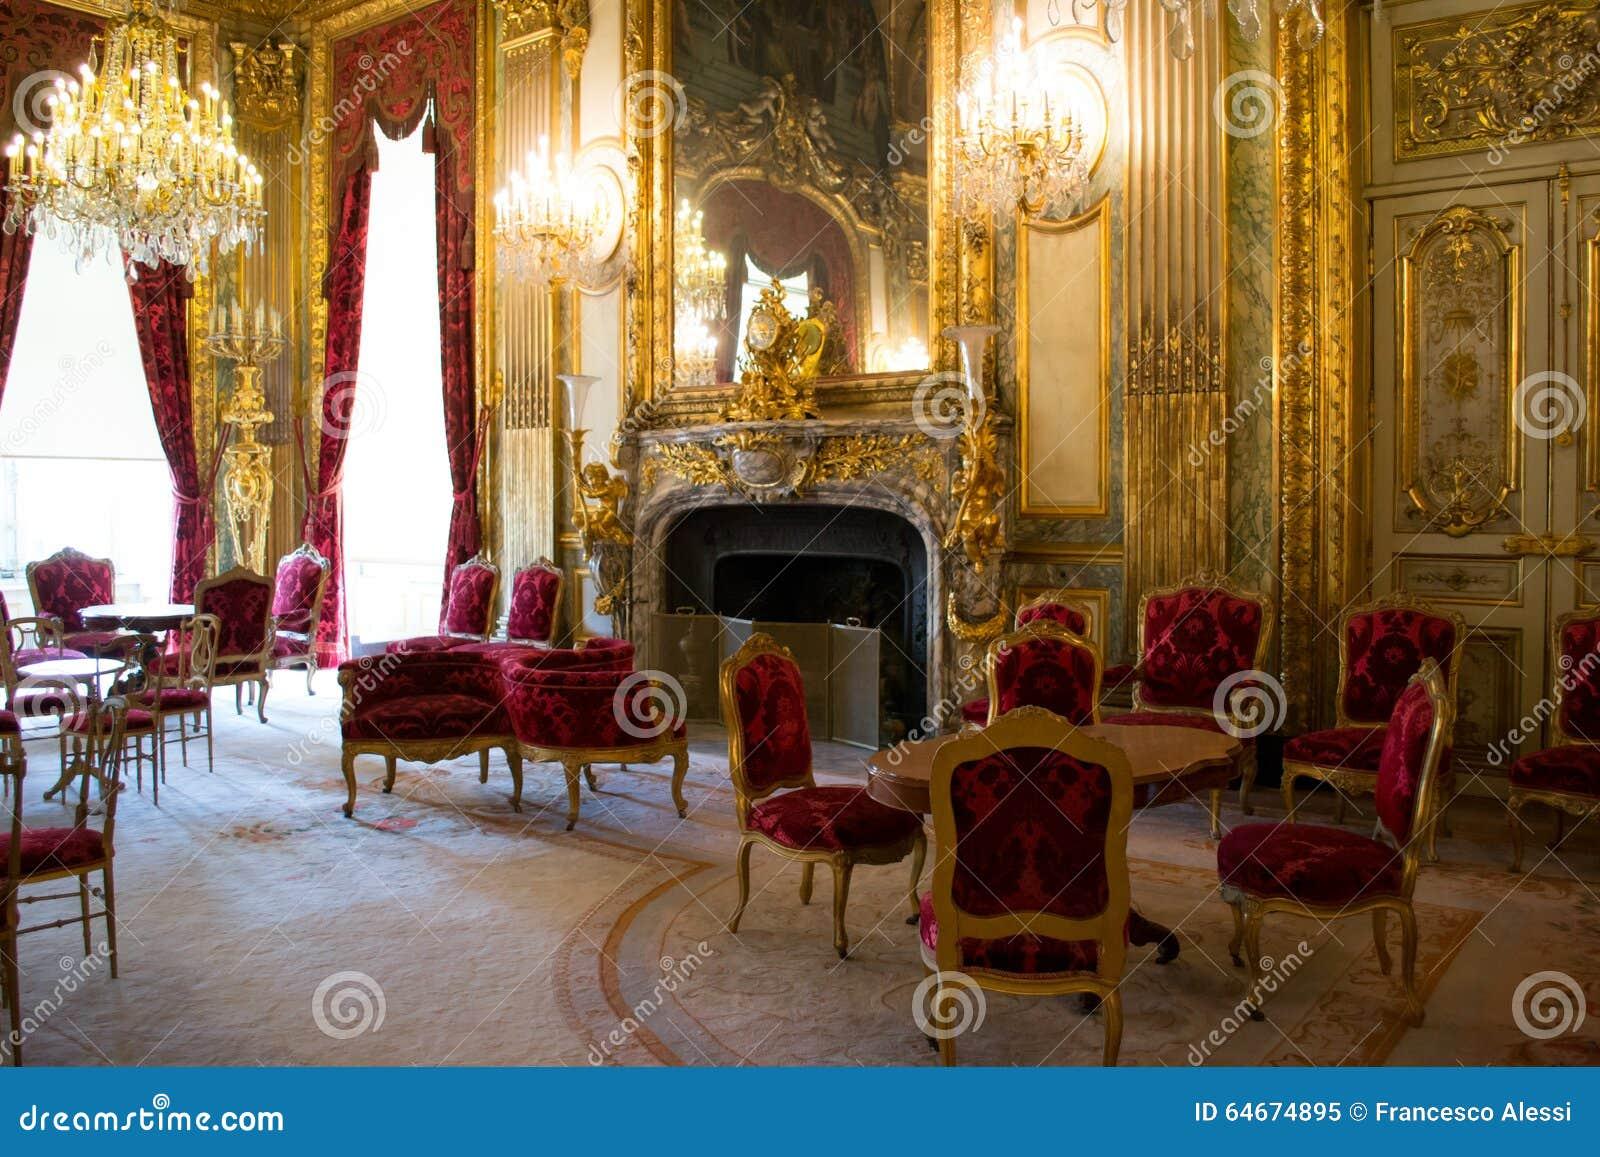 Ch teau int rieur de versailles image ditorial image for Chateau de versailles interieur